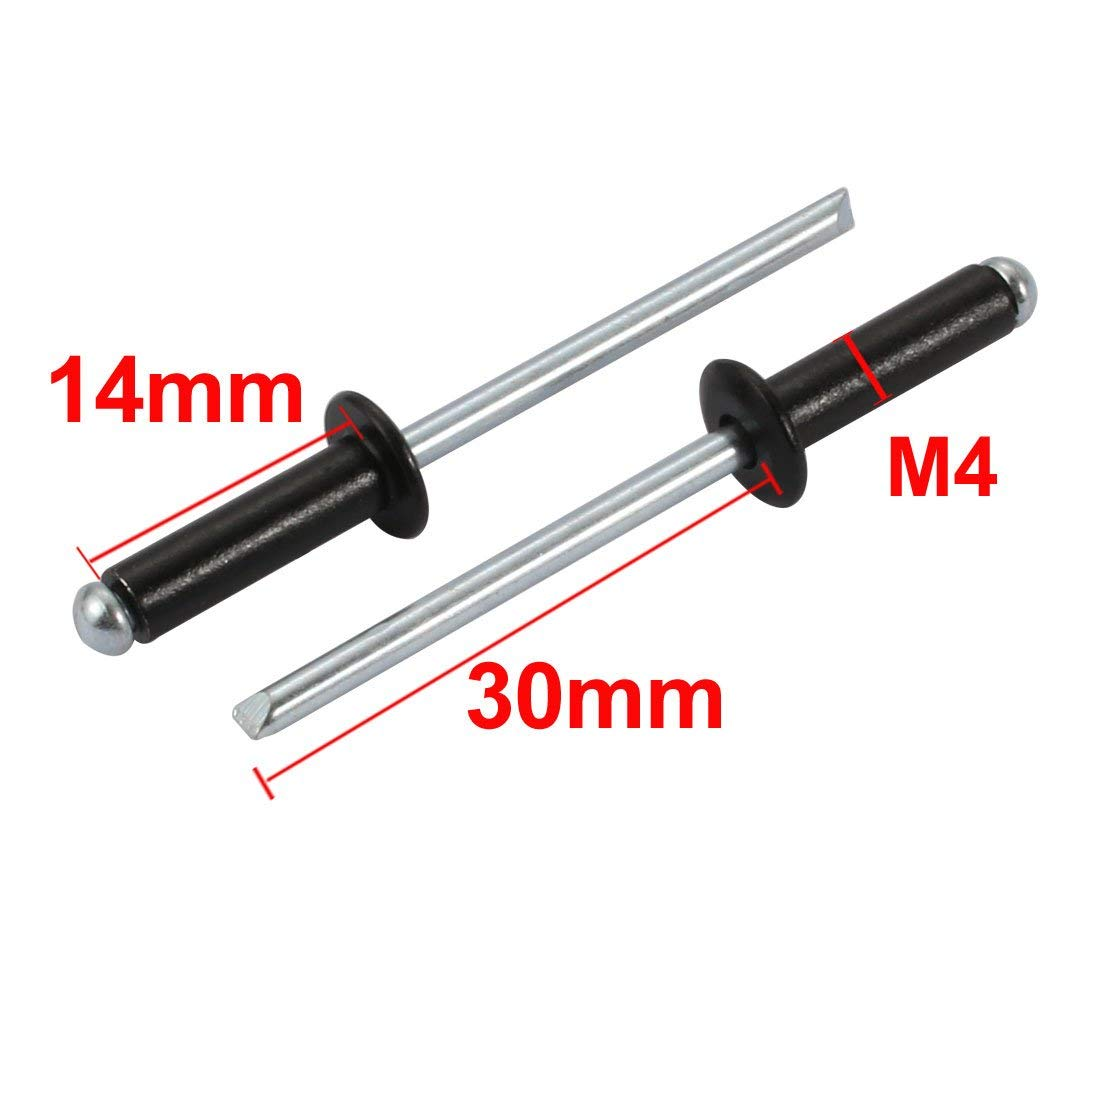 Remaches Ciegos negros de aluminio de extremo abierto C/úpula Redonda del cabezal M4x14mm 50piezas